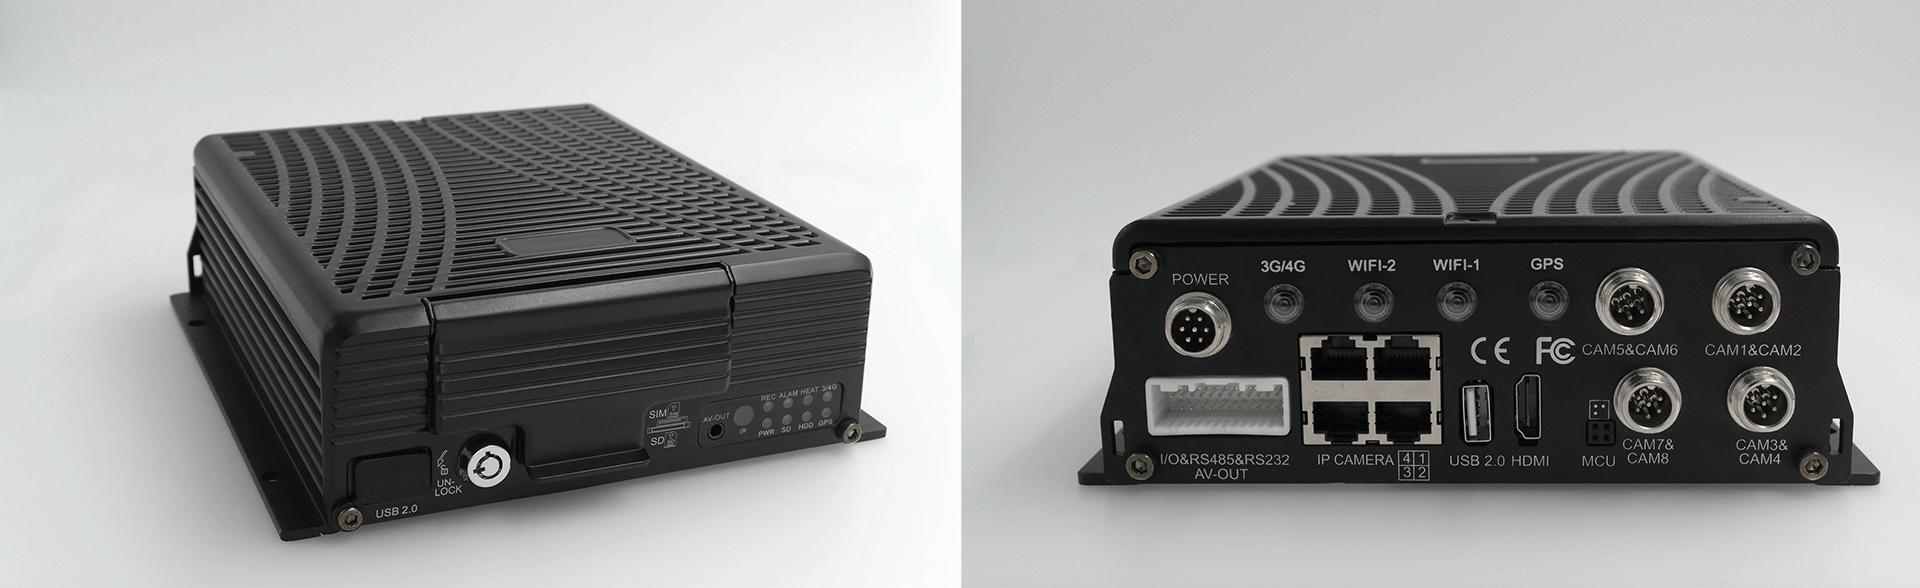 8路混合高清 车载硬盘录像机 不支持网络 第2张